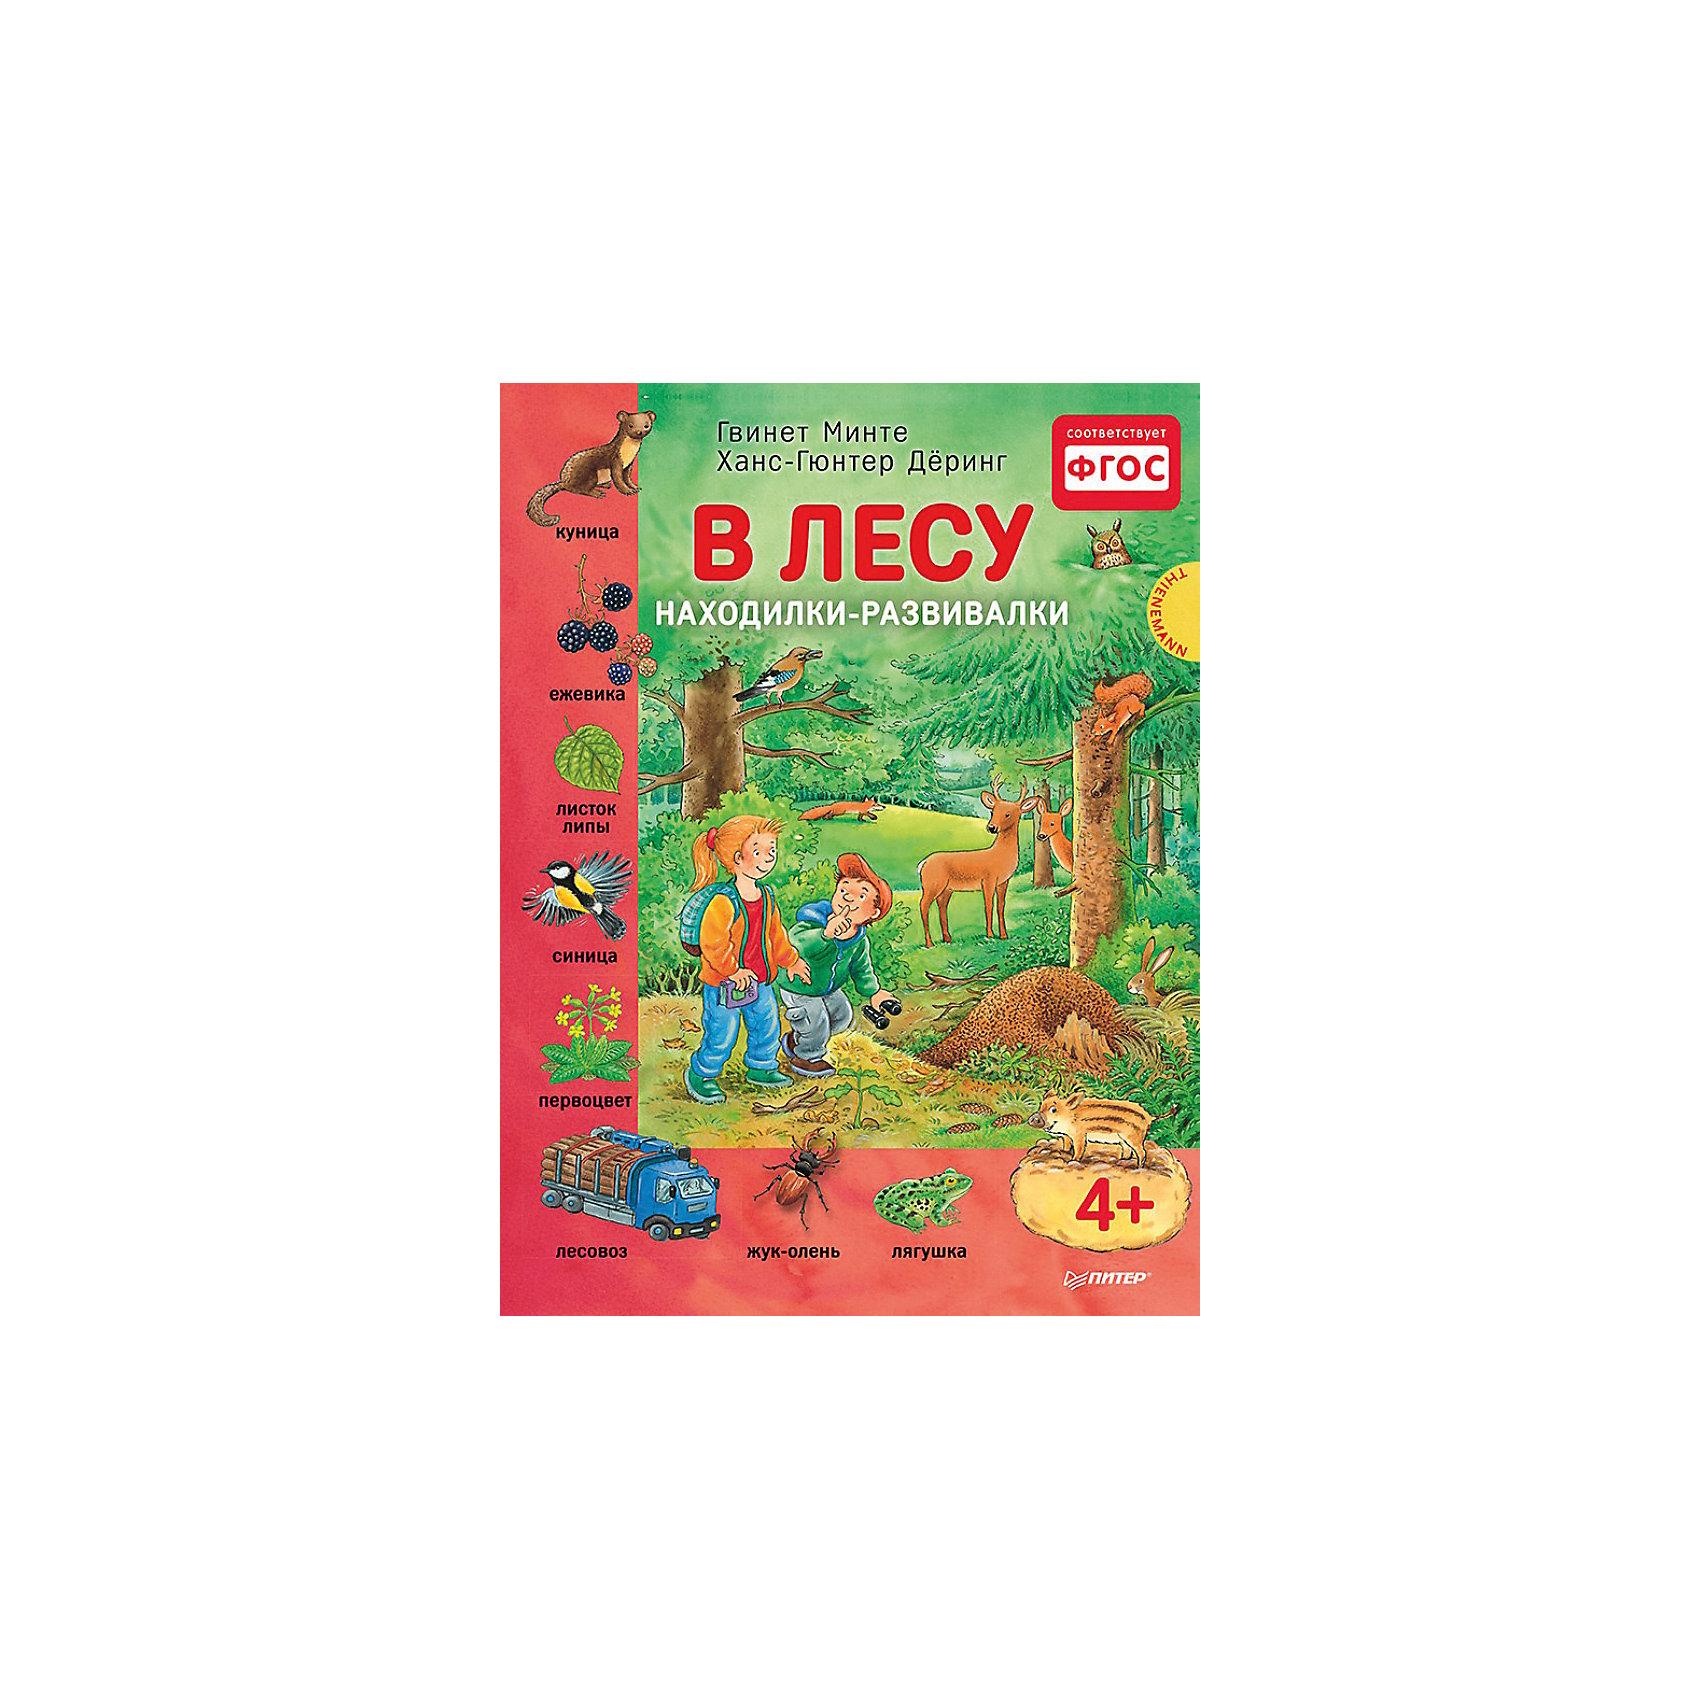 Книга В лесу. Находилки-развивалкиПИТЕР<br>Книги – незаменимый помощник в развитии ребенка с раннего возраста. Новая книга В лесу. Находилки - развивалки разнообразит семейные вечера и поможет в начальном обучении крохи. Главные герои книги познакомят ребенка с лесными обитателями, расскажут о растениях, которые живут в лесу. Ребенок узнает много нового о лесе, о том, какие так растут деревья, как лес меняется с течением времени. Малыш познакомится с особенностями природы вместе со своими родителями. На каждой страничке прячется маленькая орешниковая соня, которую надо отыскать! Сборник ориентирован на детей от четырех лет.<br><br>Дополнительная информация:<br><br>страниц: 24; <br>возраст: 4+;<br>формат:  220 х 290 мм.<br><br>Книгу В лесу. Находилки-развивалки можно купить в нашем магазине.<br><br>Ширина мм: 298<br>Глубина мм: 221<br>Высота мм: 4<br>Вес г: 318<br>Возраст от месяцев: -2147483648<br>Возраст до месяцев: 2147483647<br>Пол: Унисекс<br>Возраст: Детский<br>SKU: 4966177